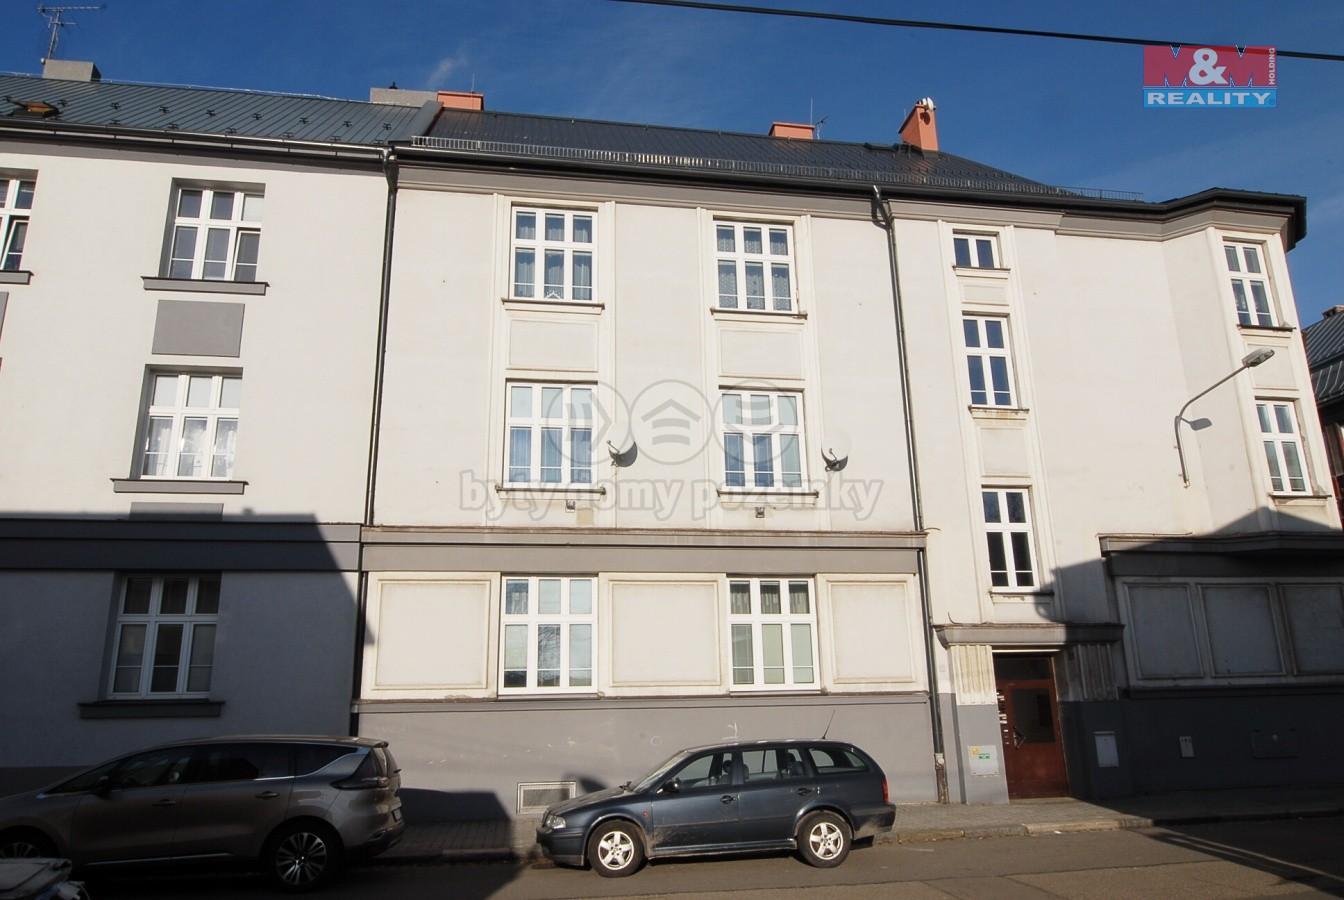 Pronájem, byt 2+1, 70 m2, Ostrava Přívoz, ul. Korejská